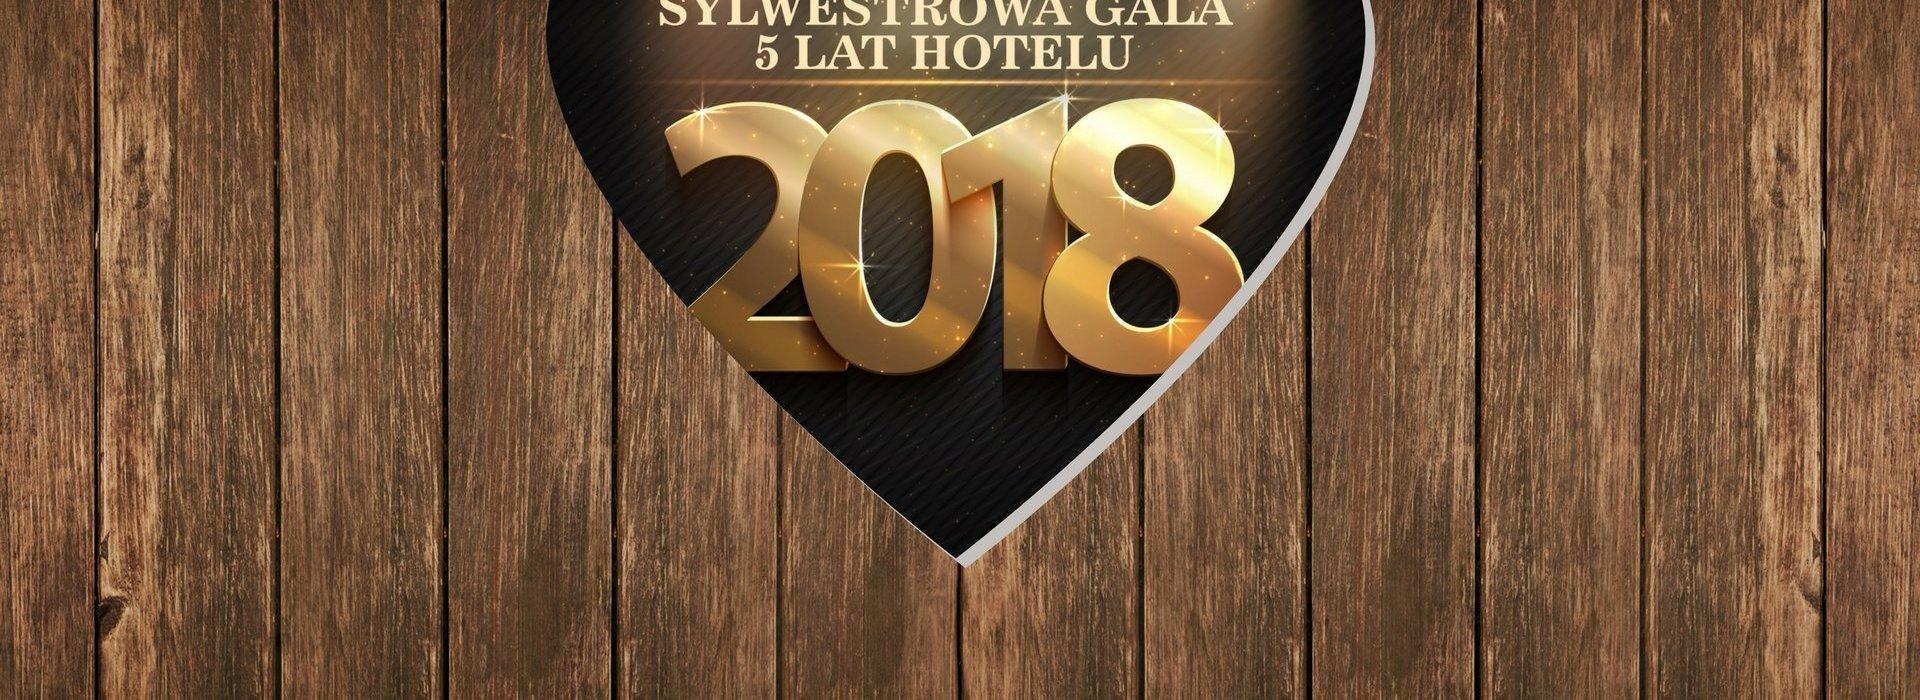 Gala Sylwestrowa 2018 - 5 LECIE HOTELU